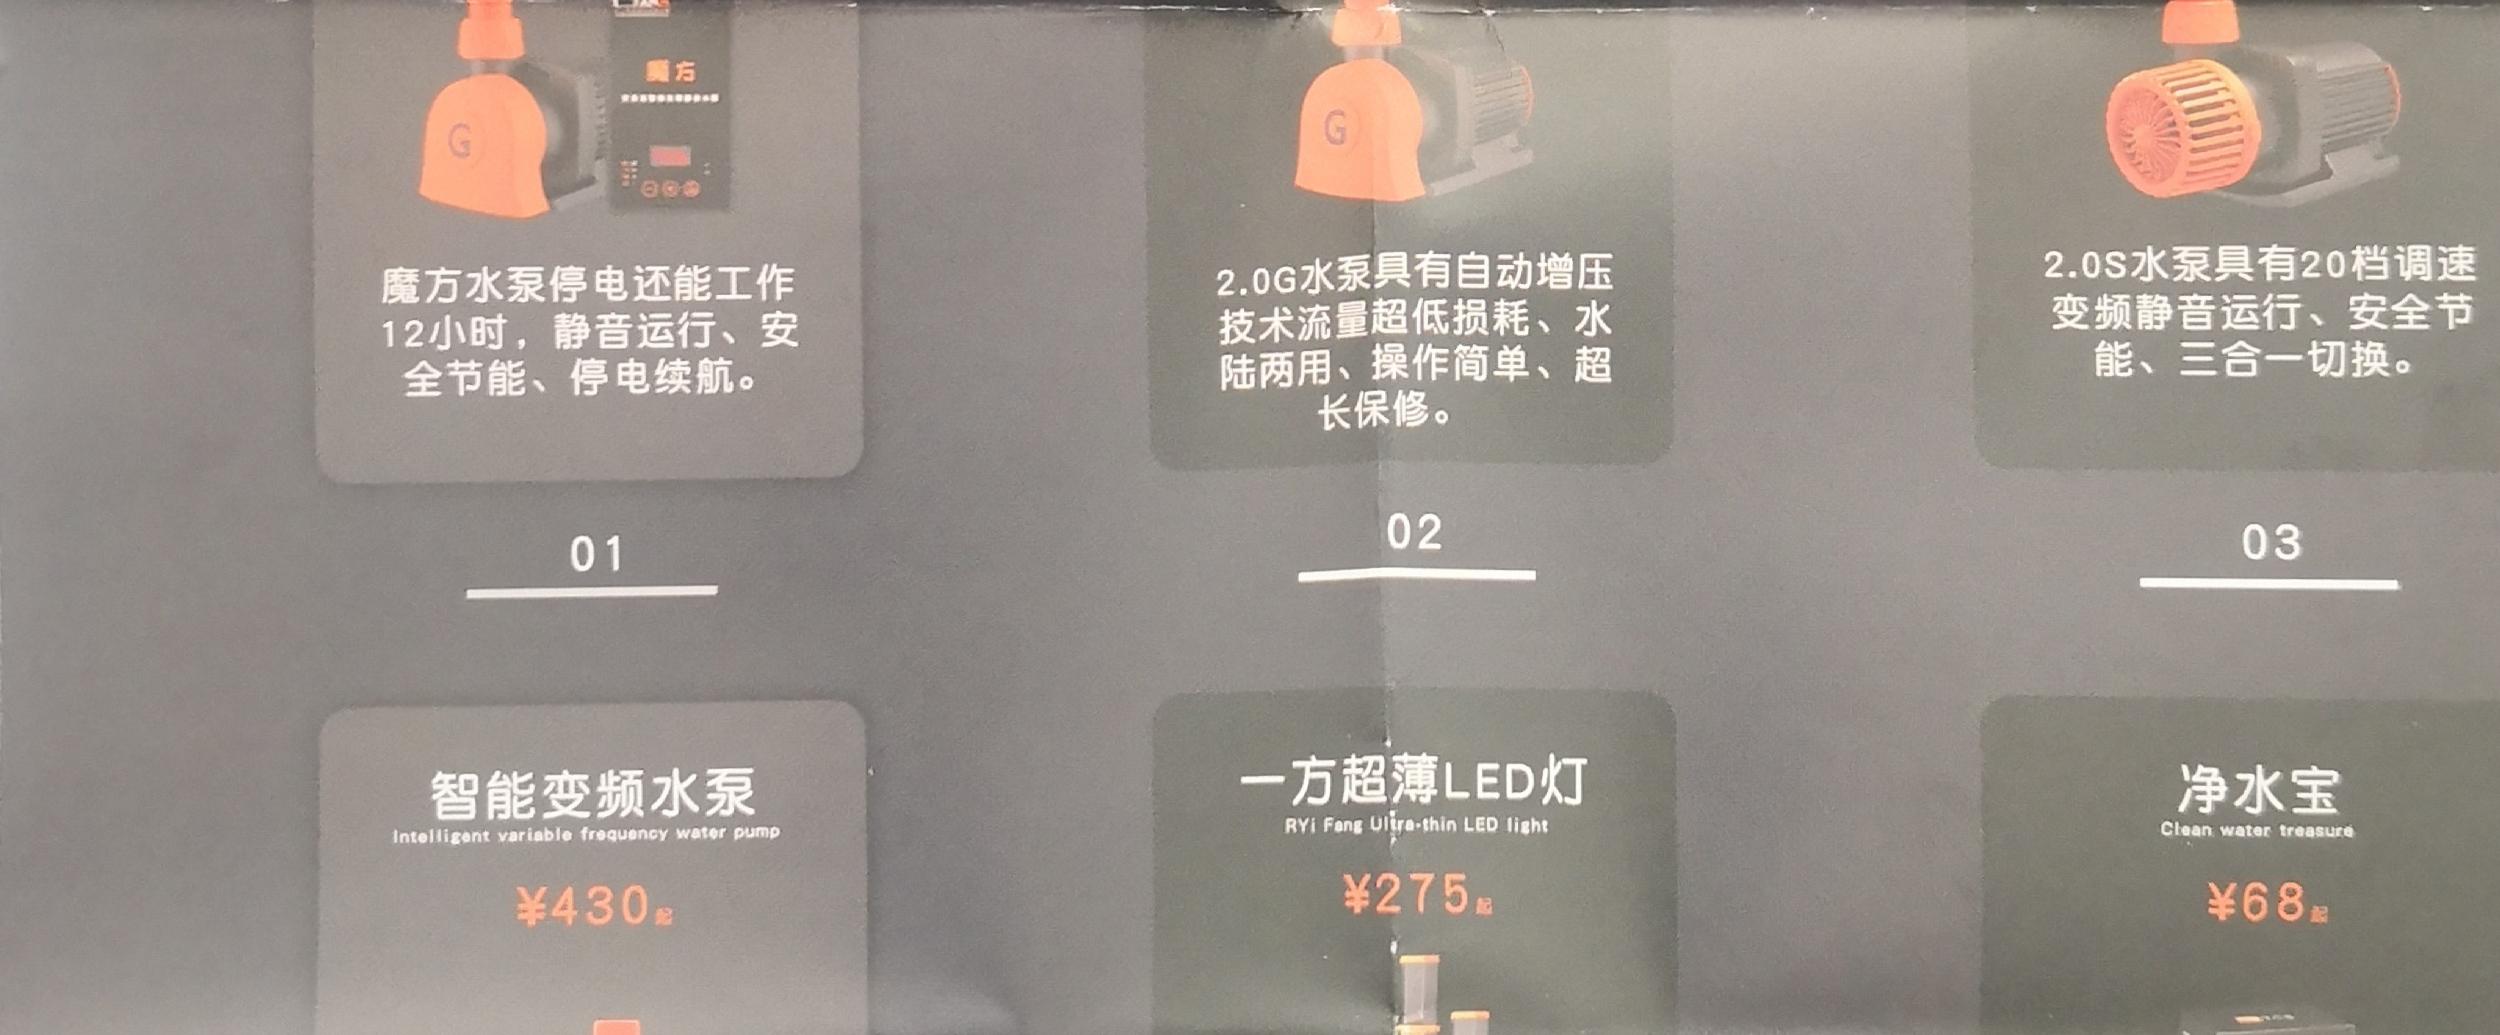 北京观赏鱼北京水族展地址 北京观赏鱼 北京龙鱼第6张